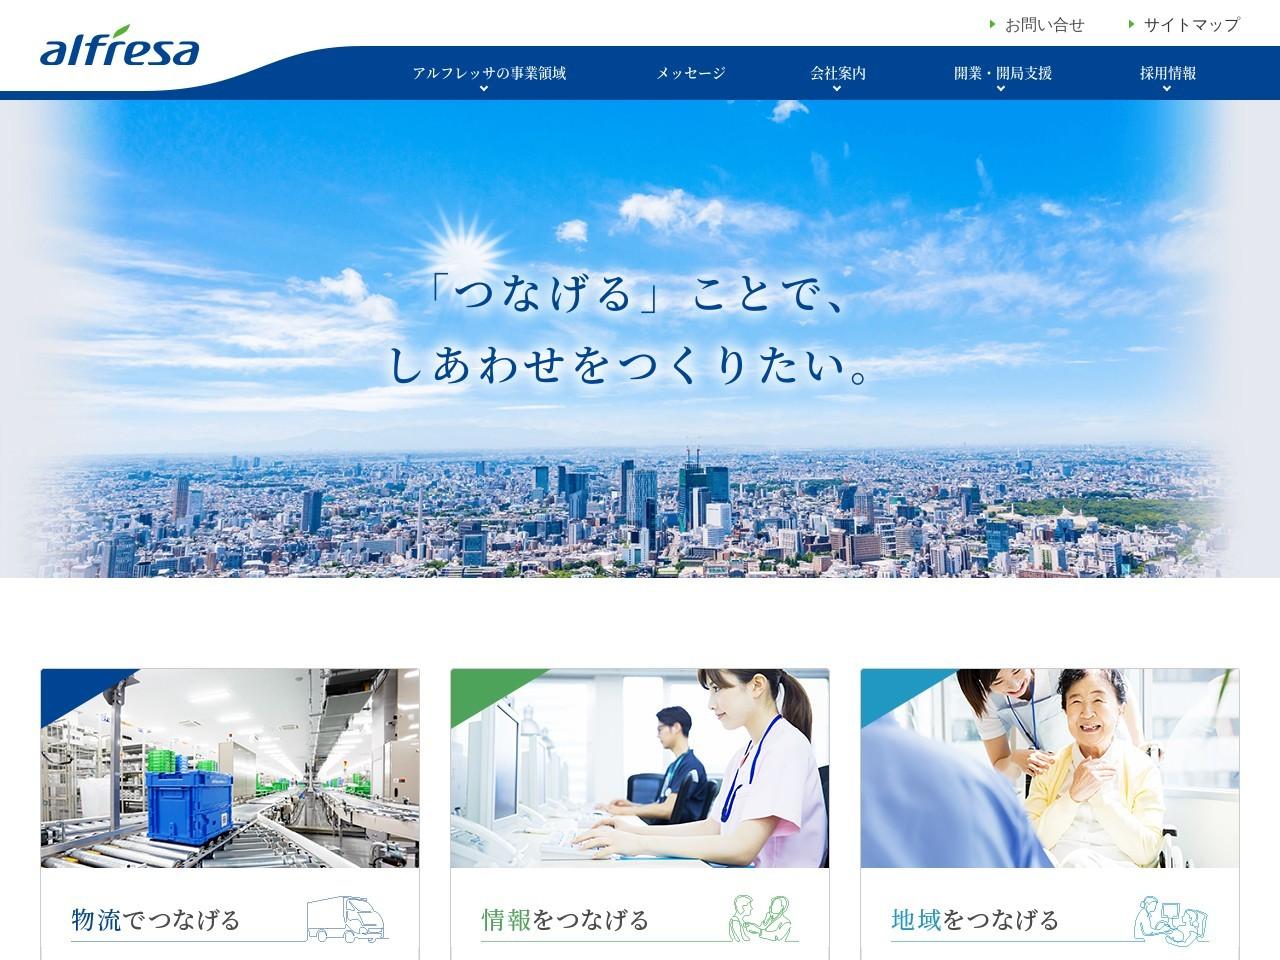 アルフレッサ株式会社筑豊支店